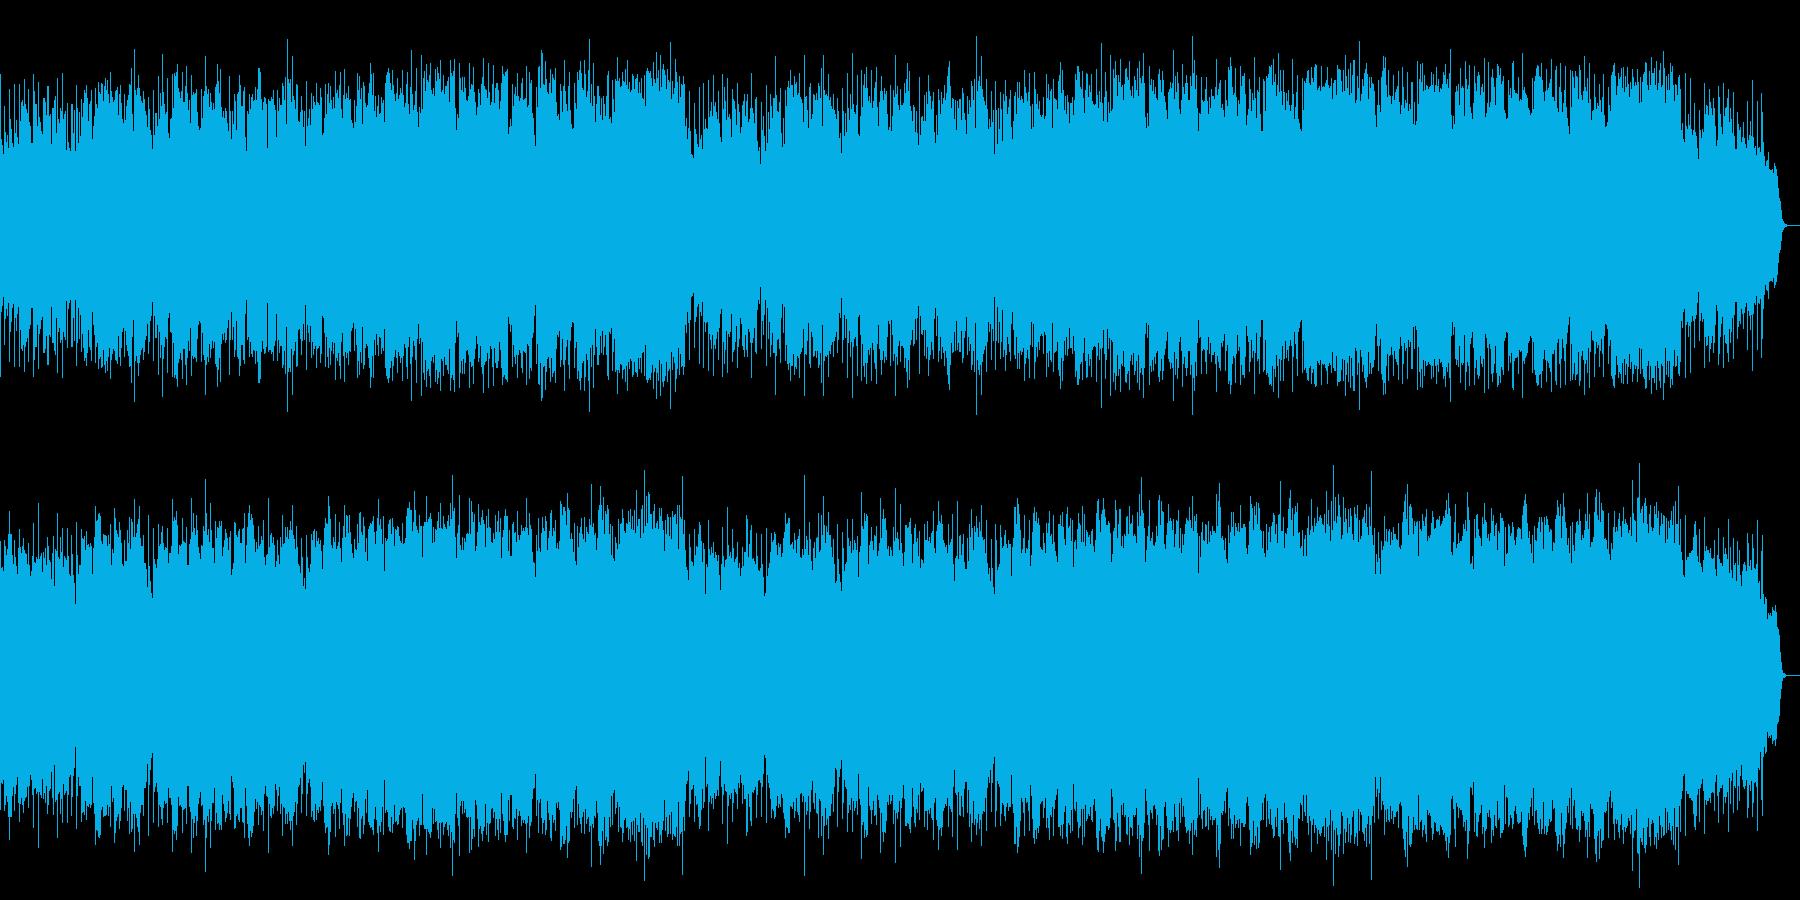 切なくも希望を感じるリズムとSAXの旋律の再生済みの波形